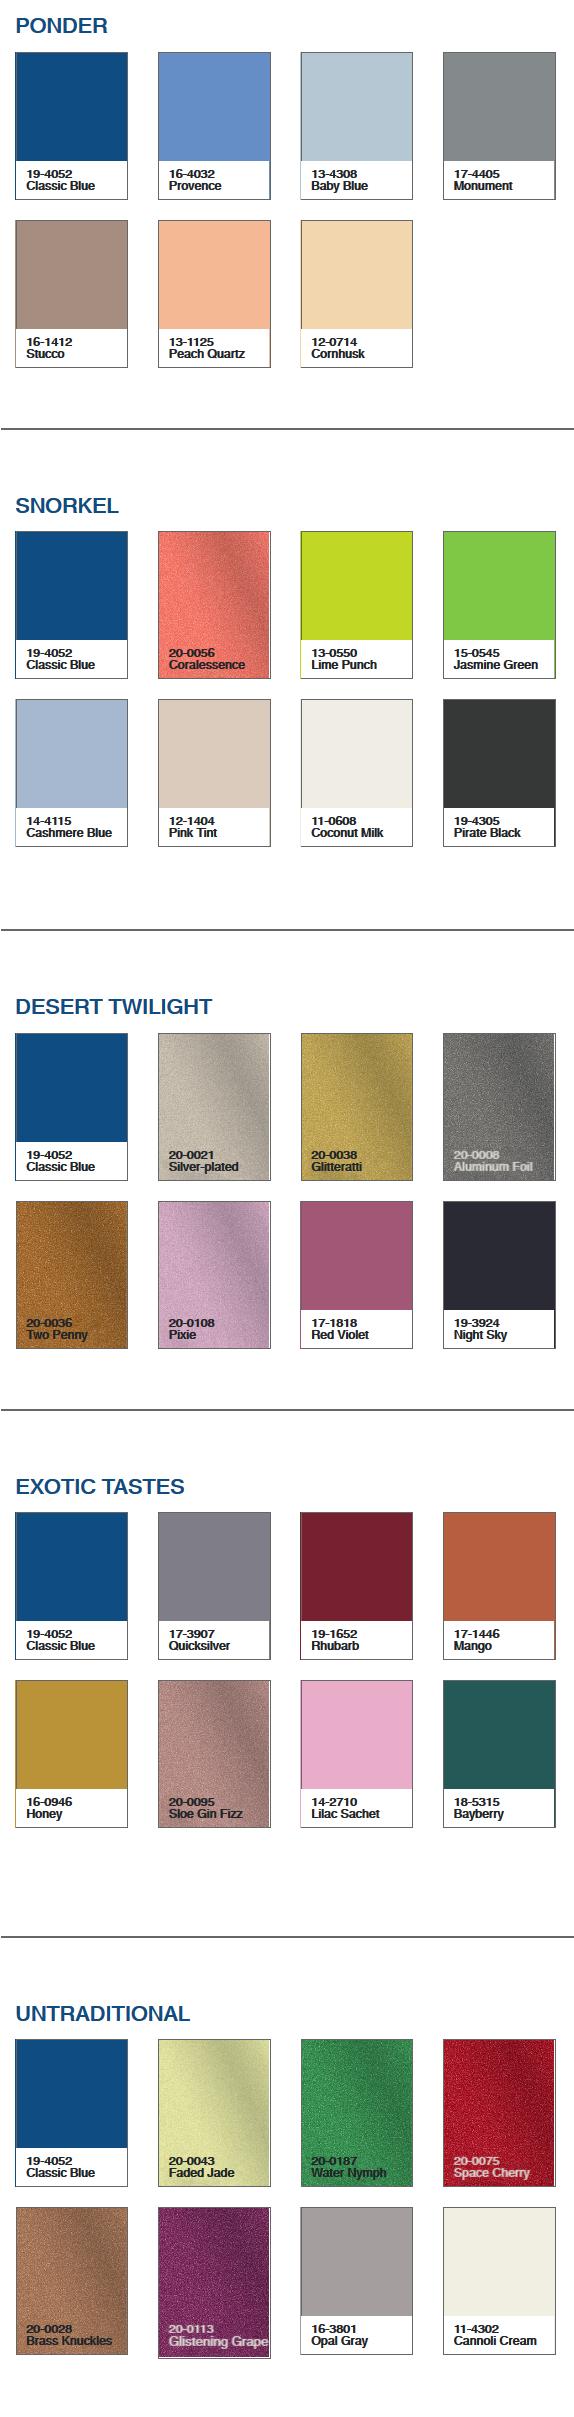 Pantone Color of the Year 2020 Paletas De Color PANTONE 19-4052 Classic Blue Pantone España